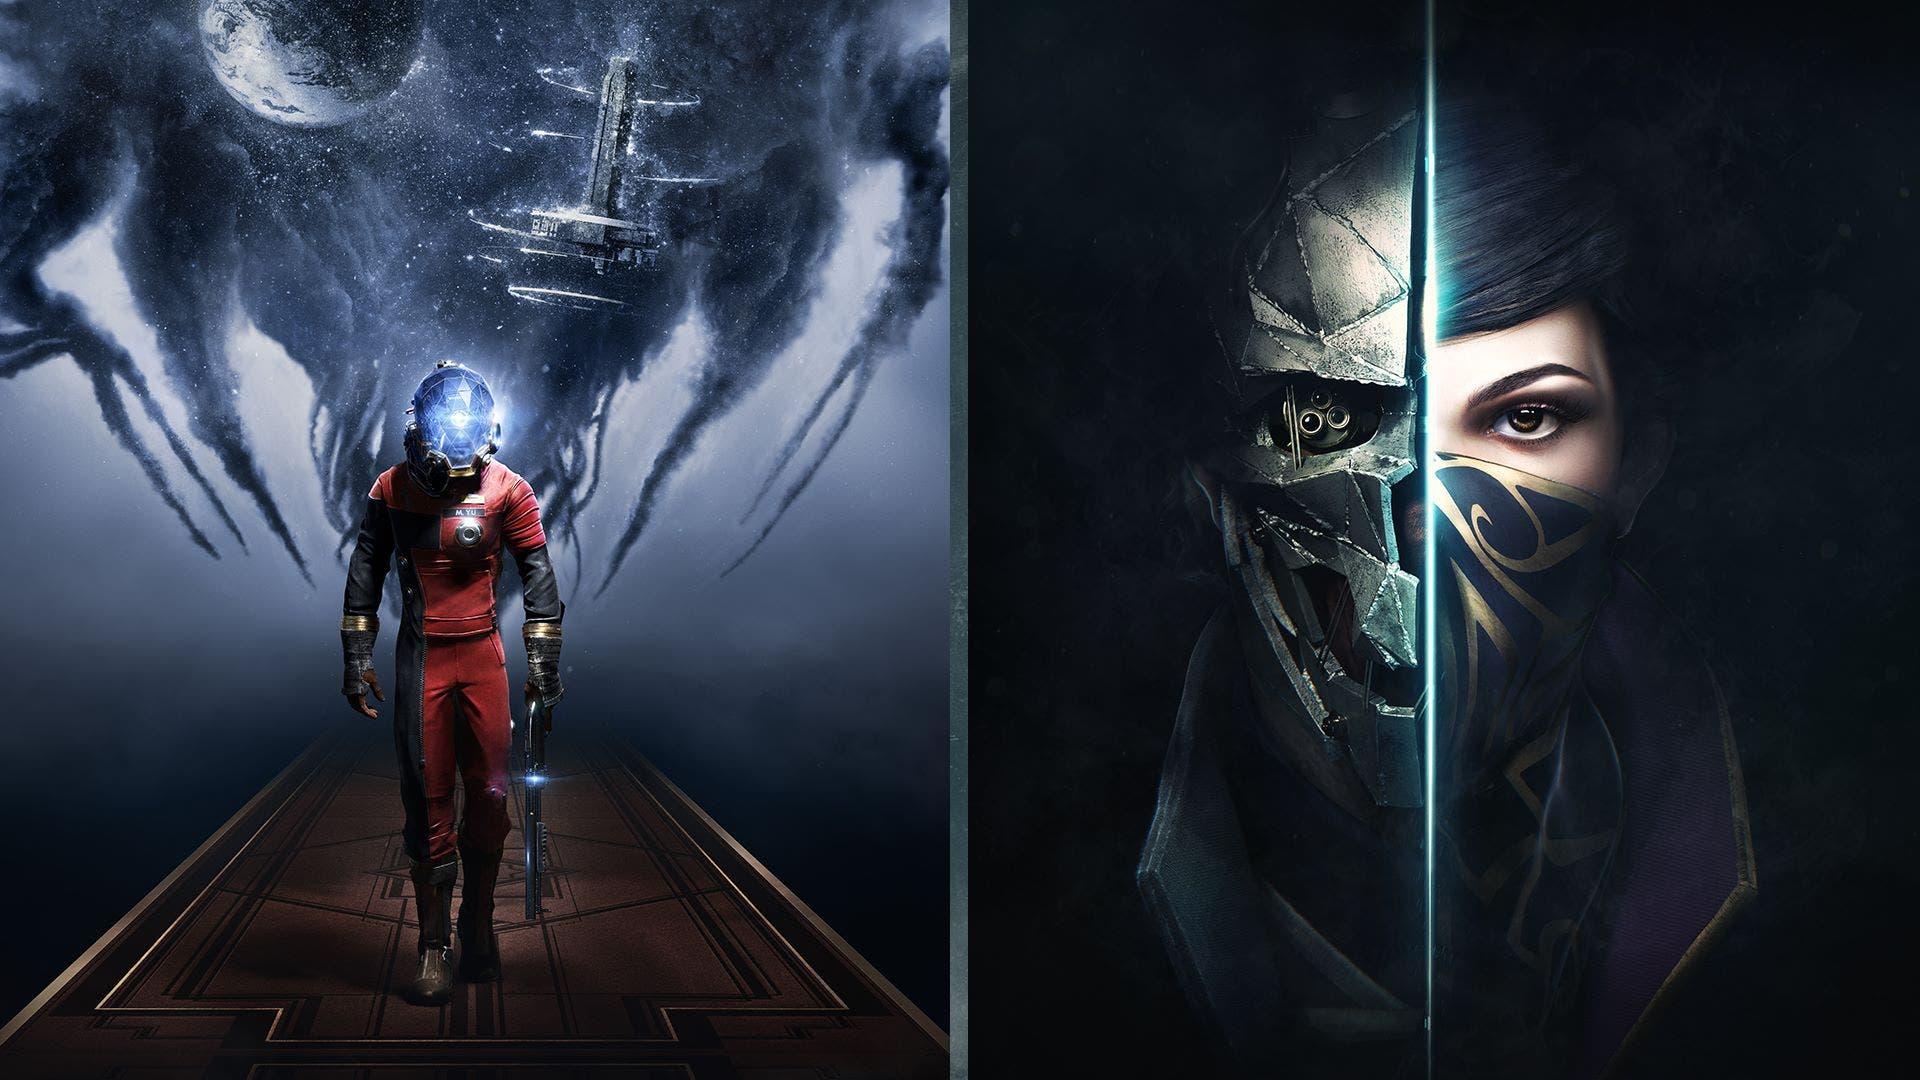 Las mejores ofertas en juegos de Xbox One: 20 juegos entre 15 y 30€ 15